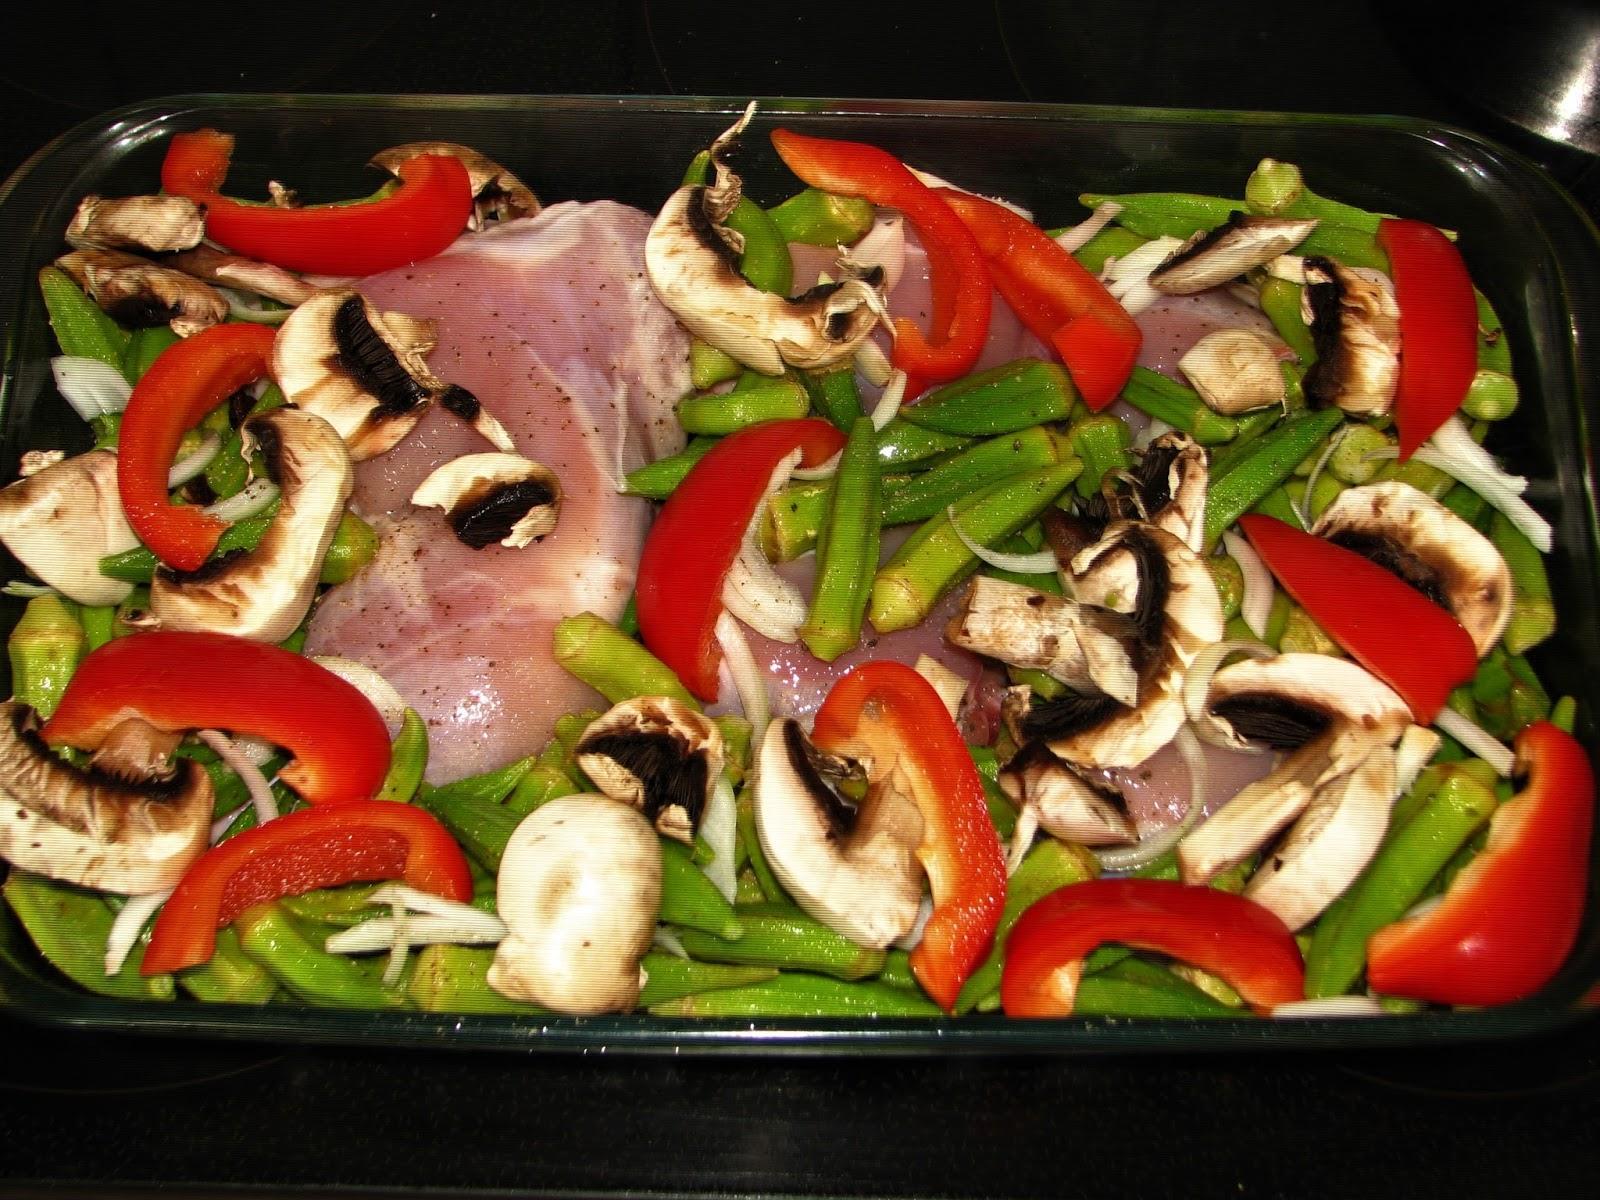 Το τέλειο οικογενειακό φαγητό: Κοτόπουλο με μπάμιες και μανιτάρια στο φούρνο!